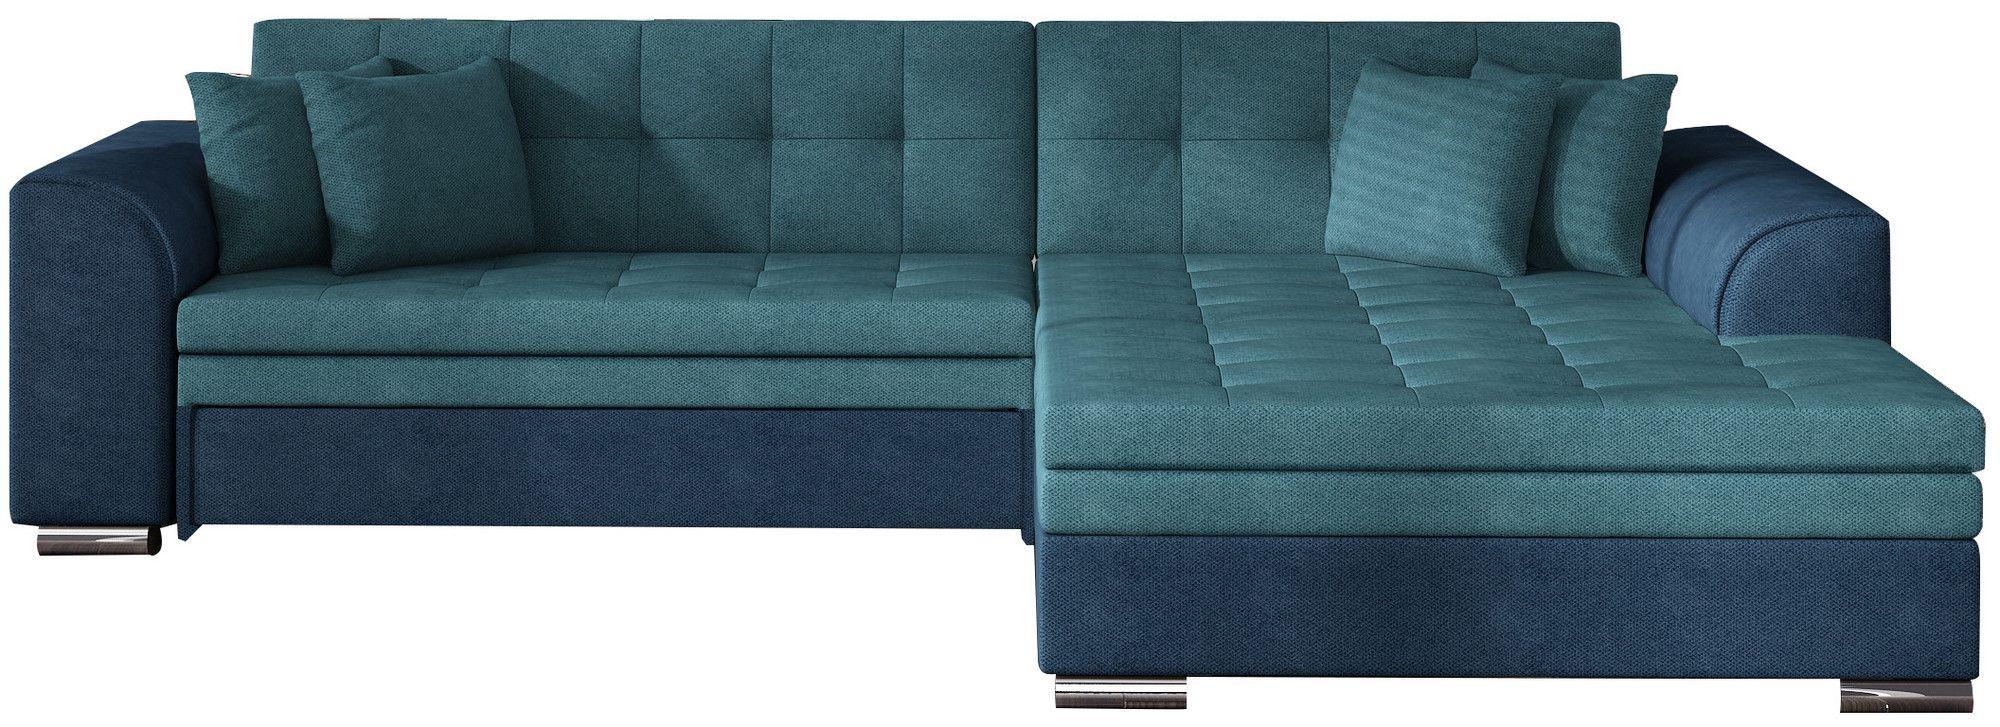 Canape D Angle Convertible 4 Places En Tissu Turquoise Et Bleu